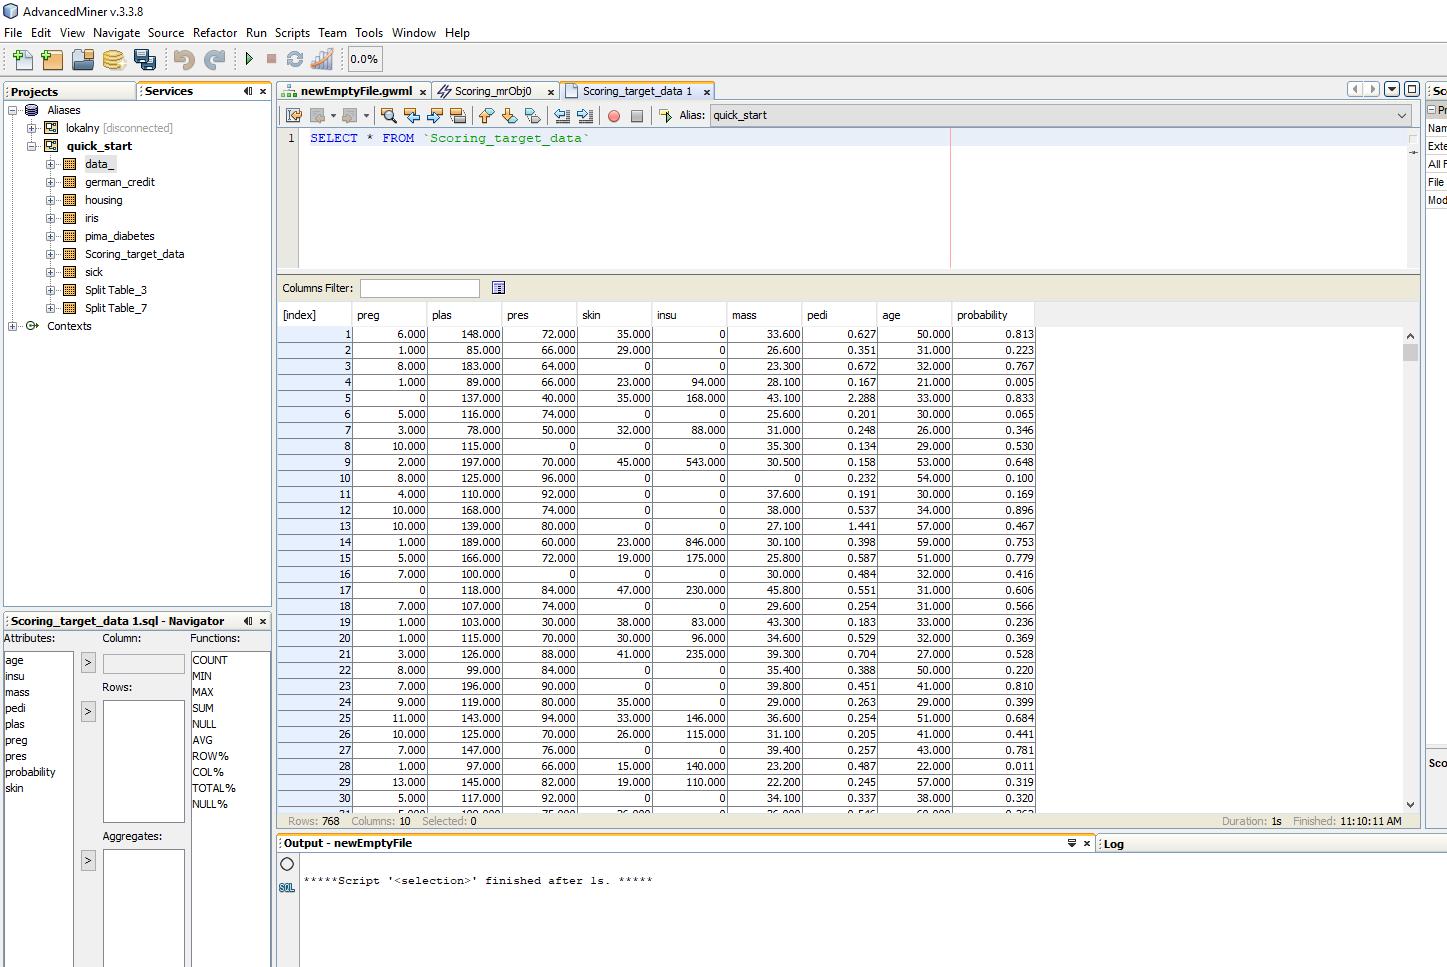 Budowanie modeli predykcyjnych w programie AdvancedMiner - 30